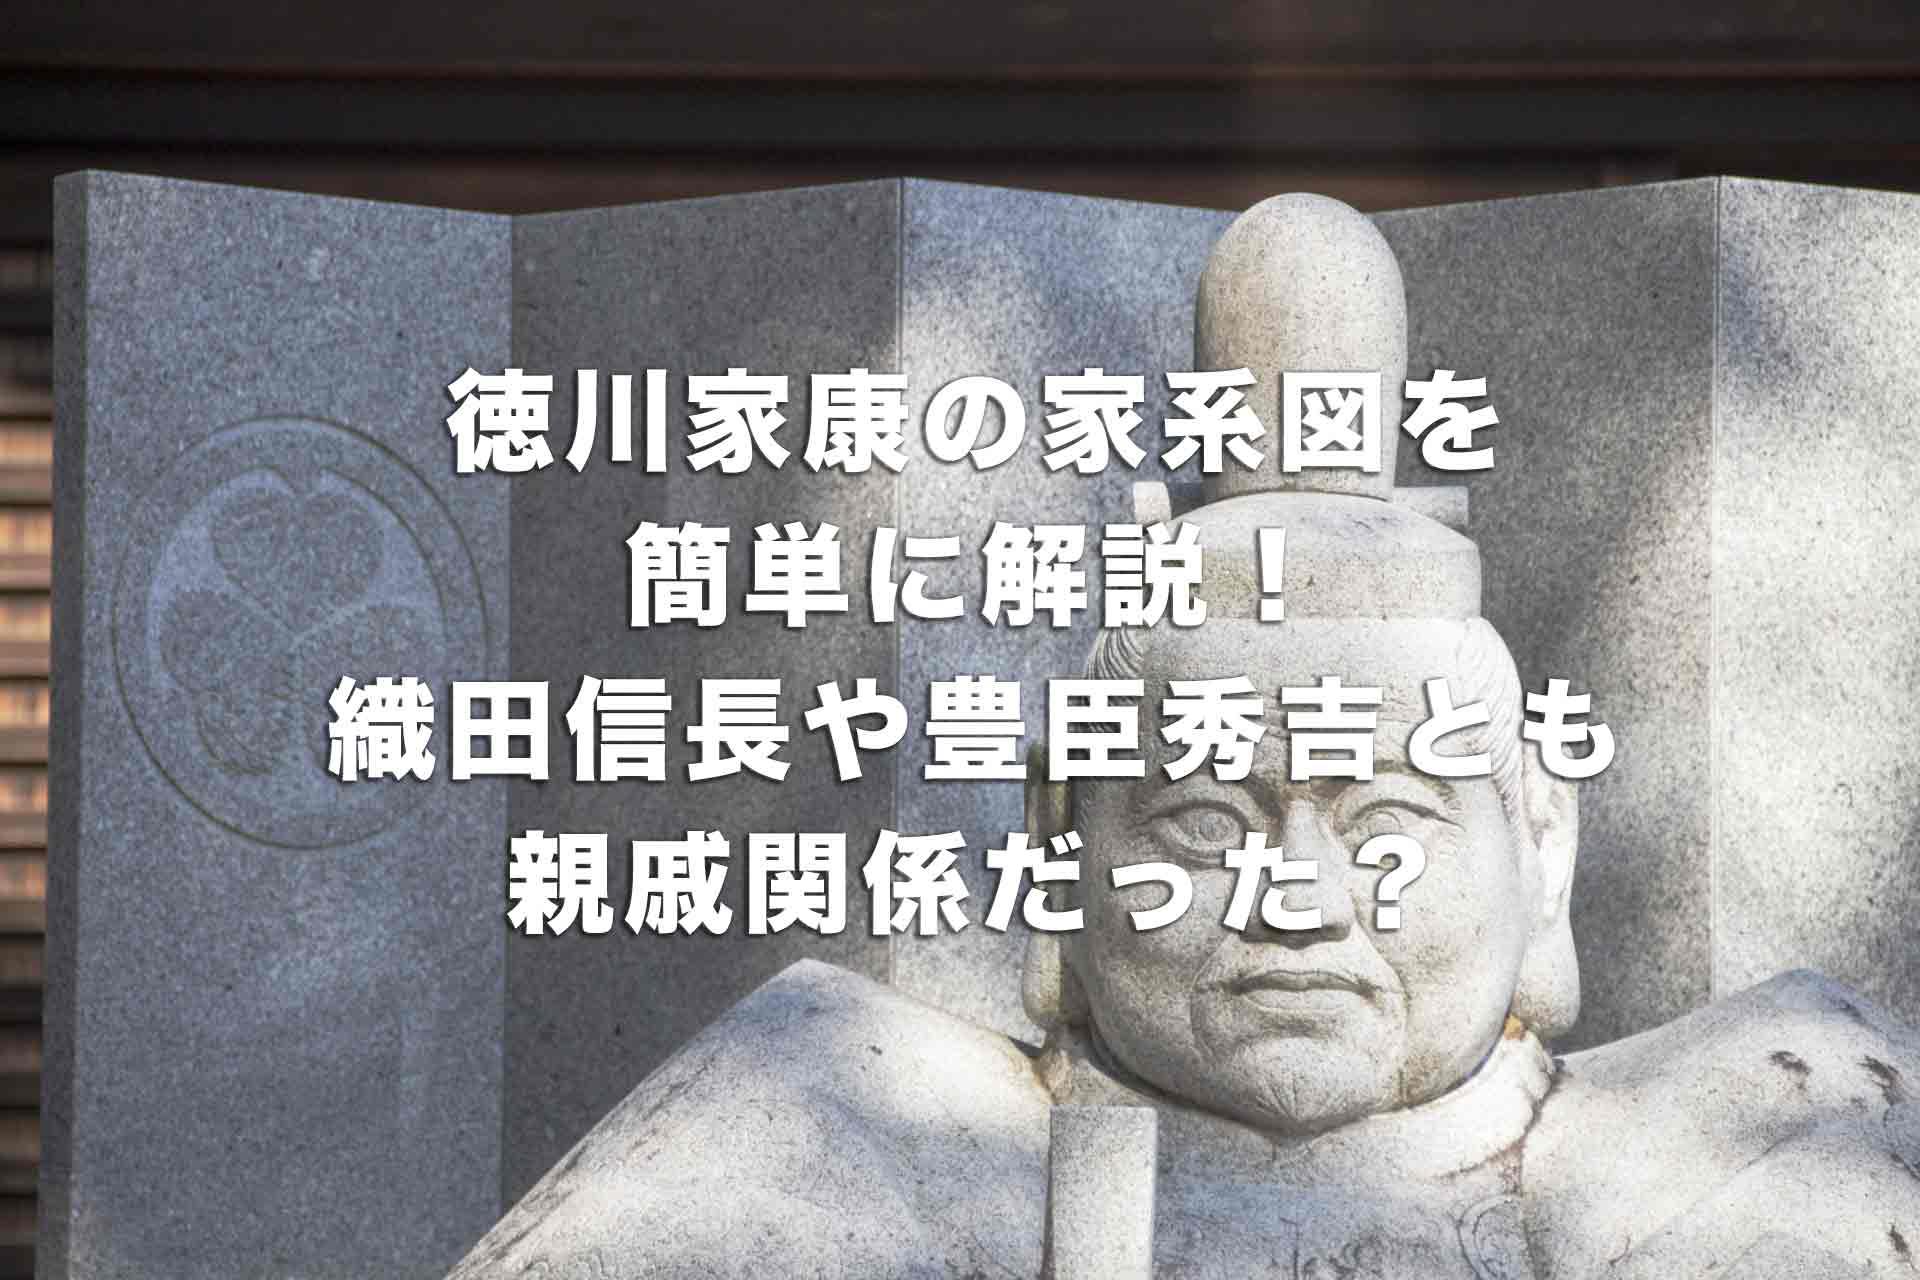 徳川家康の家系図を簡単に解説!織田信長や豊臣秀吉とも親戚関係だった?